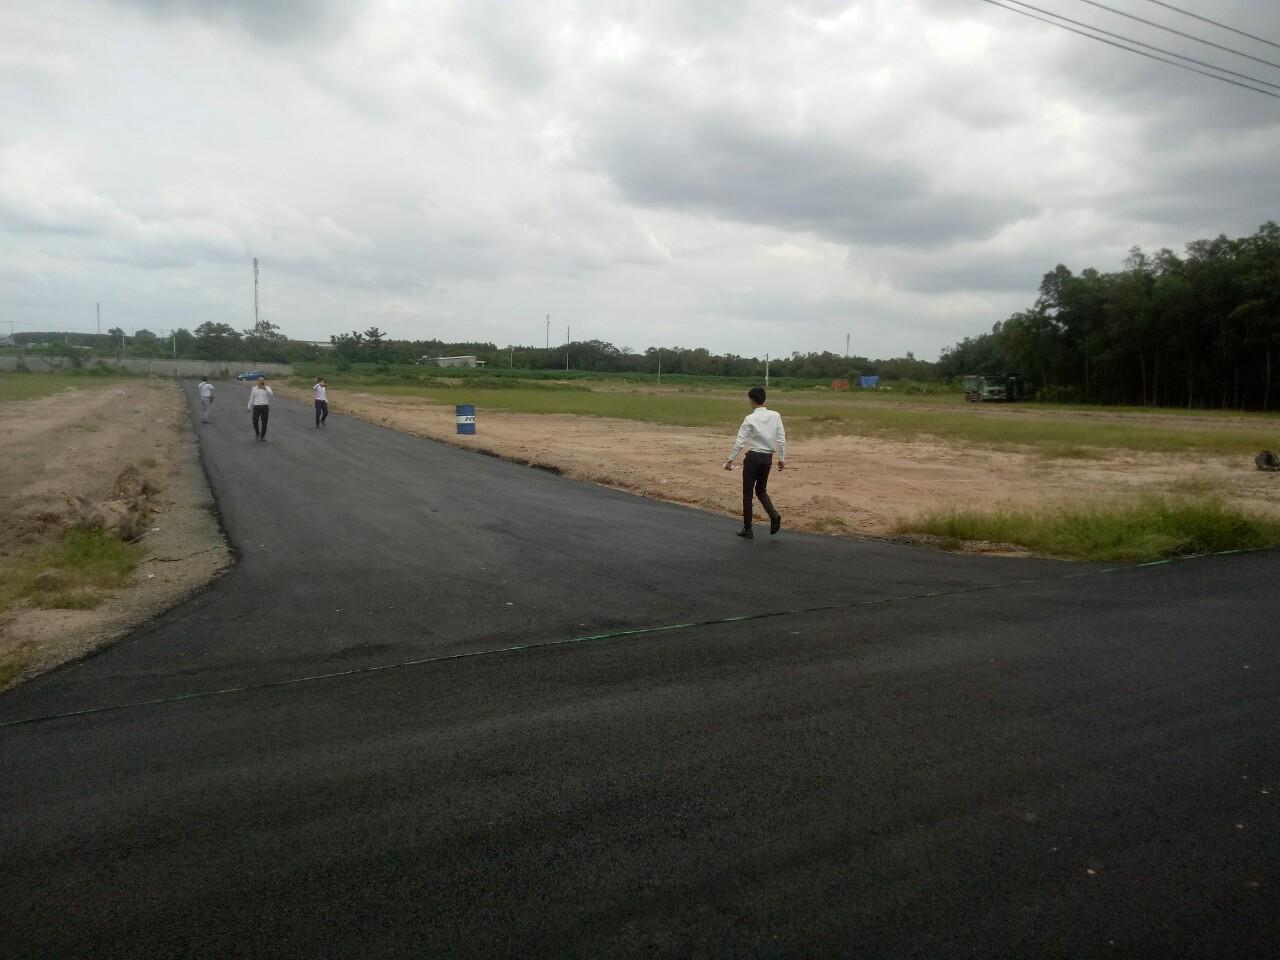 Hình ảnh thực tế dự án Tóc Tiên Town 1 Thị Xã Phú Mỹ Bà Rịa Vũng Tàu